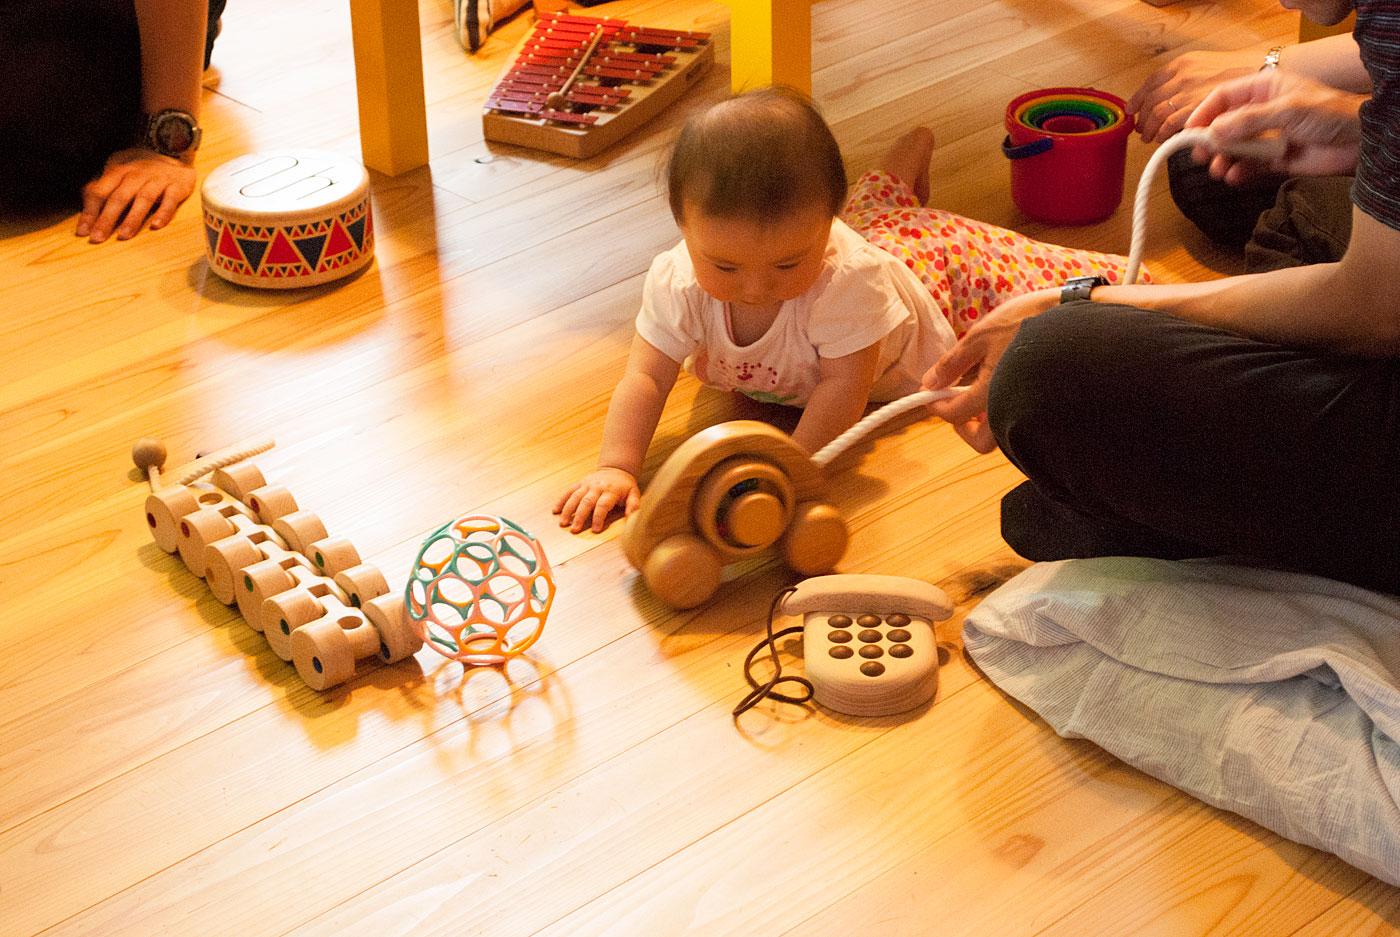 かばんねこ おもちゃで遊ぶ日